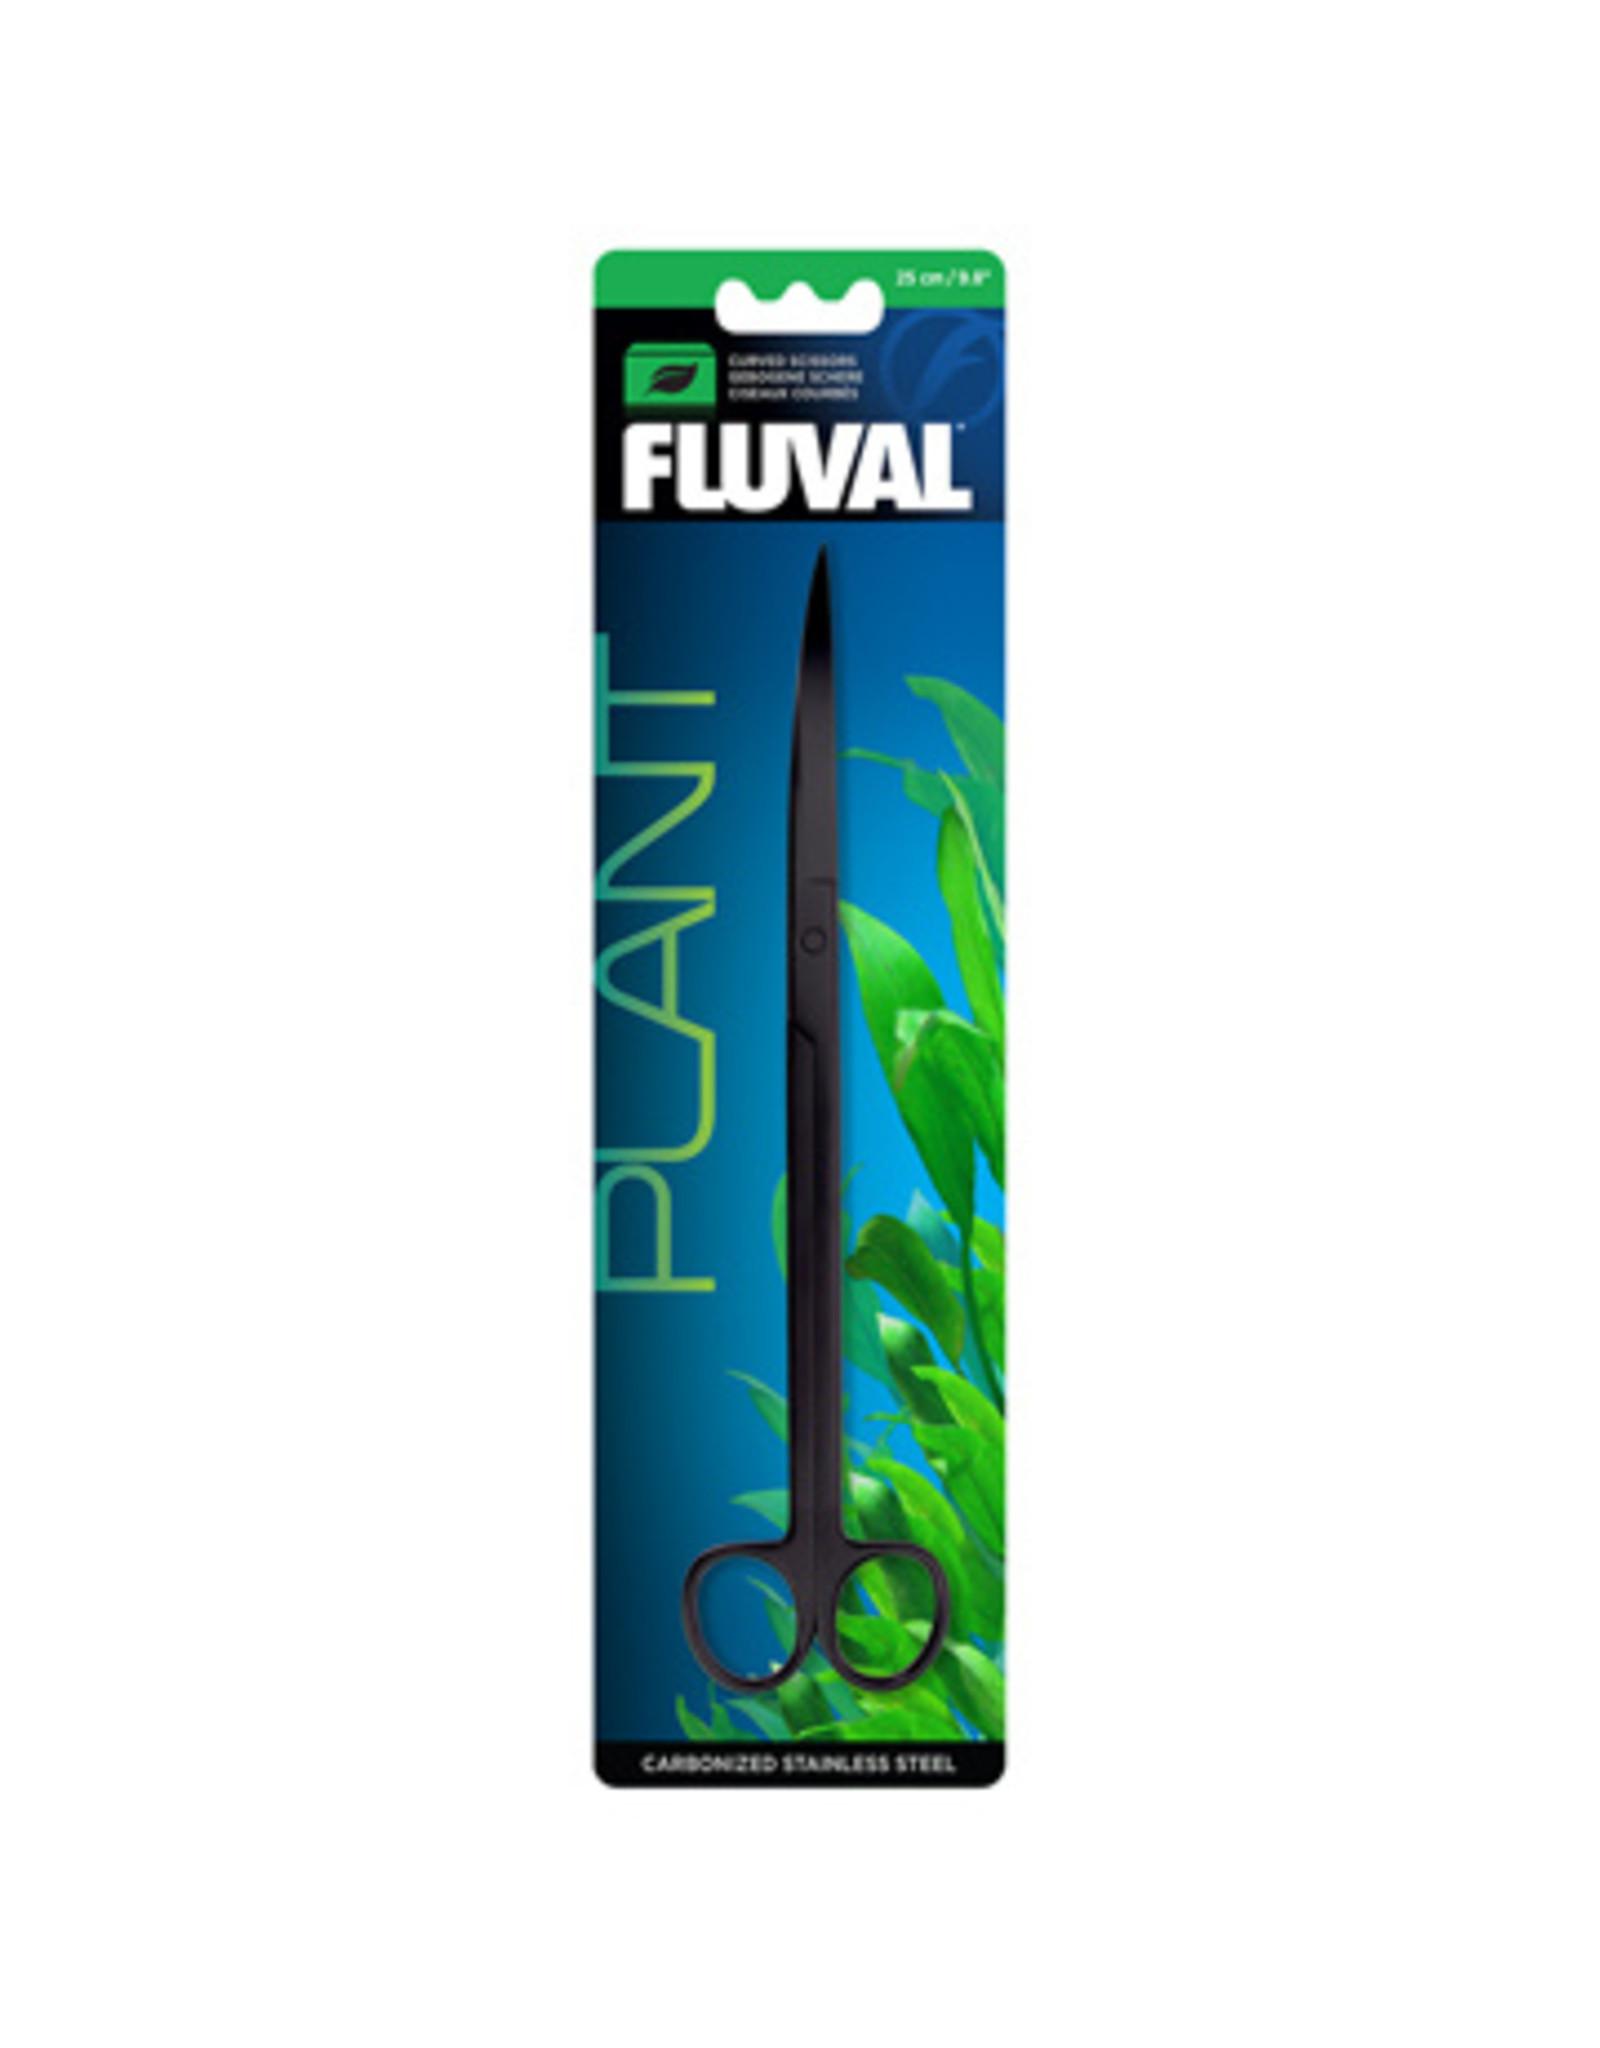 Fluval FLUVAL Curved Scissors 25cm/9.8in